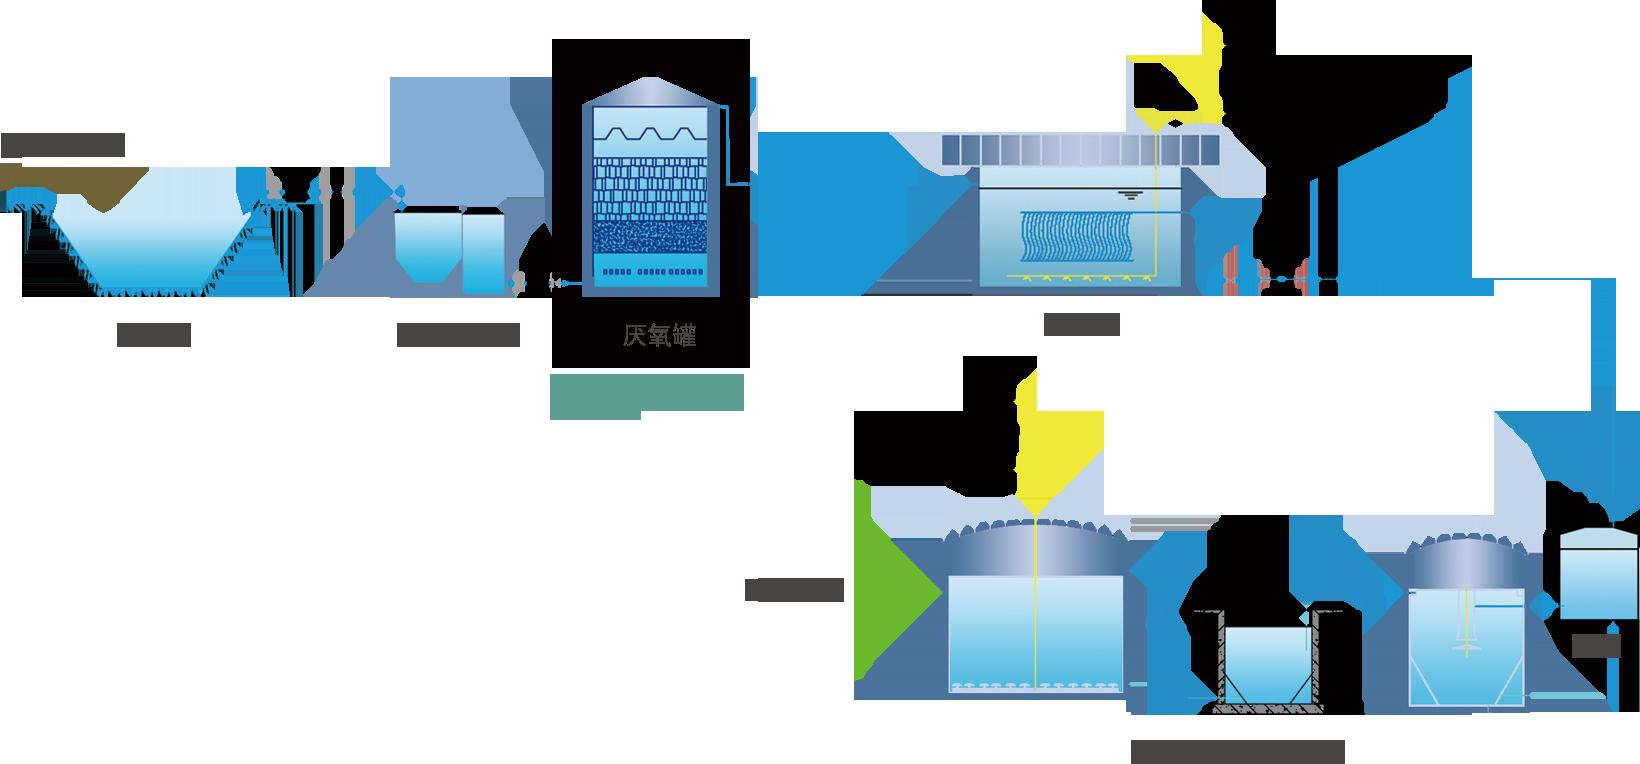 预处理——厌氧——MBR——高级氧化+强化生化 → 达标排放